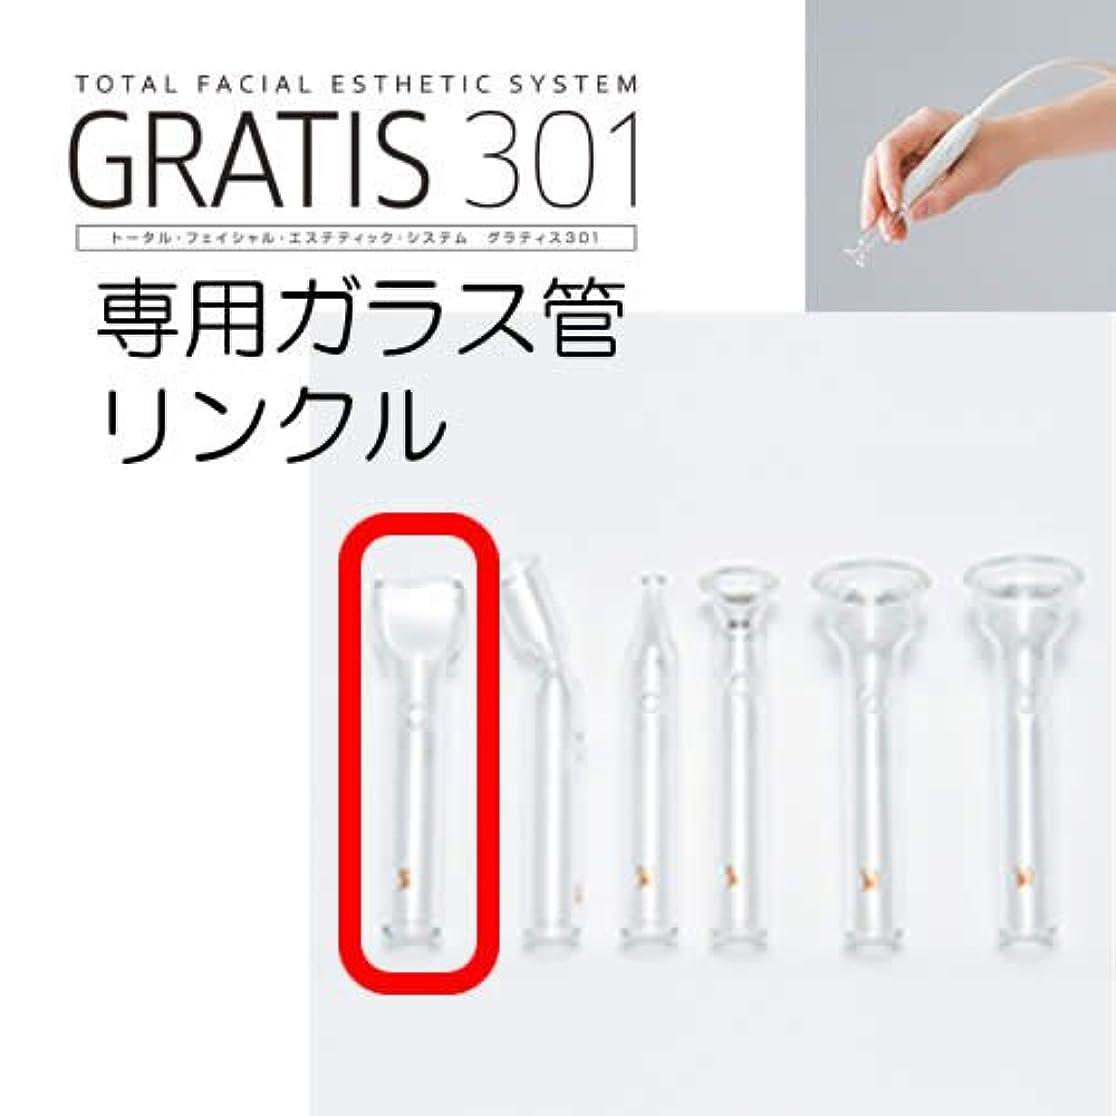 弾薬非武装化シールドGRATIS 301(グラティス301)専用ガラス管 リンクル(2本セット)